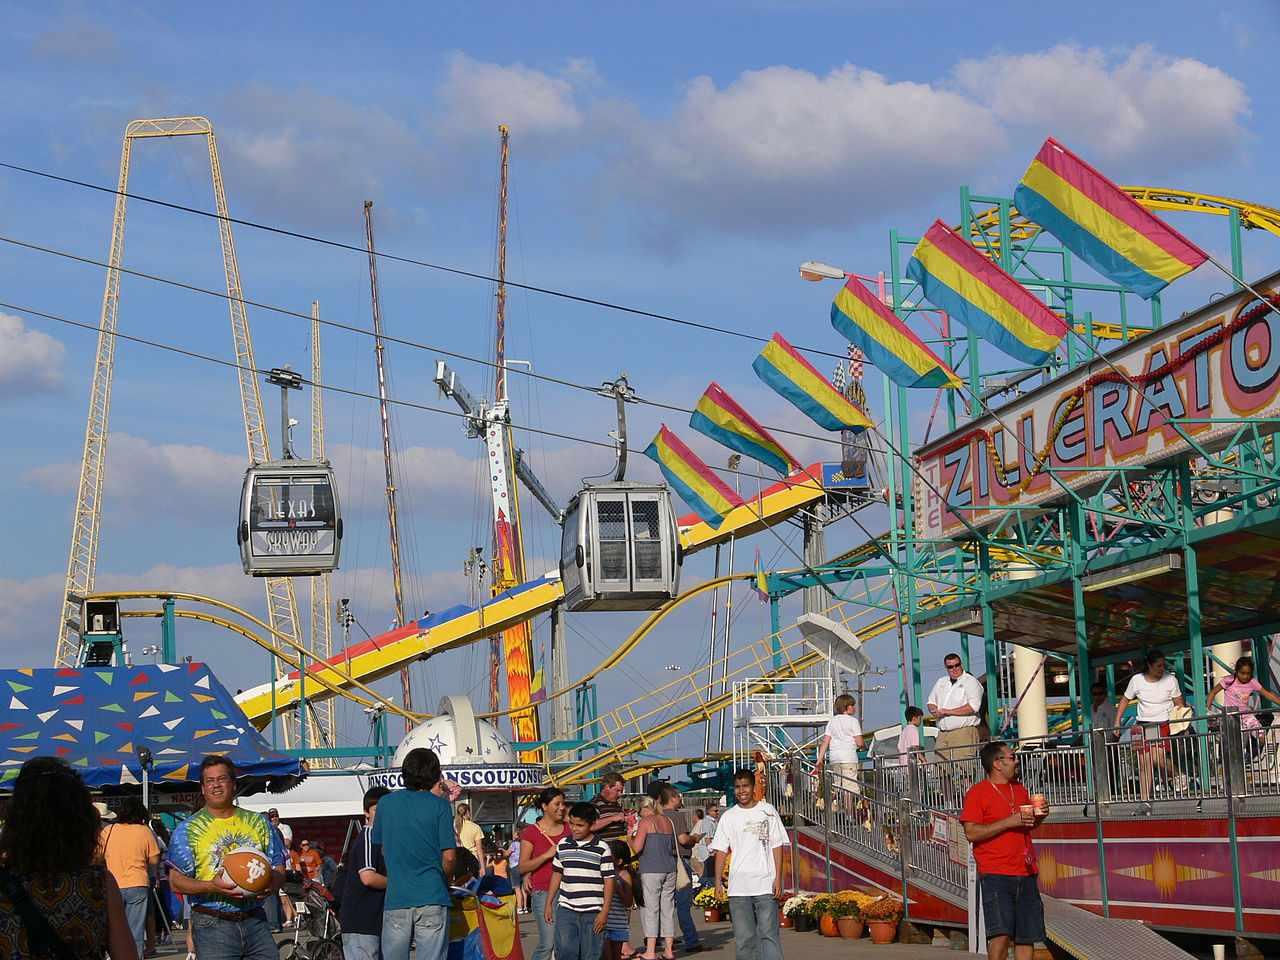 Rides at the Texas State Fair.